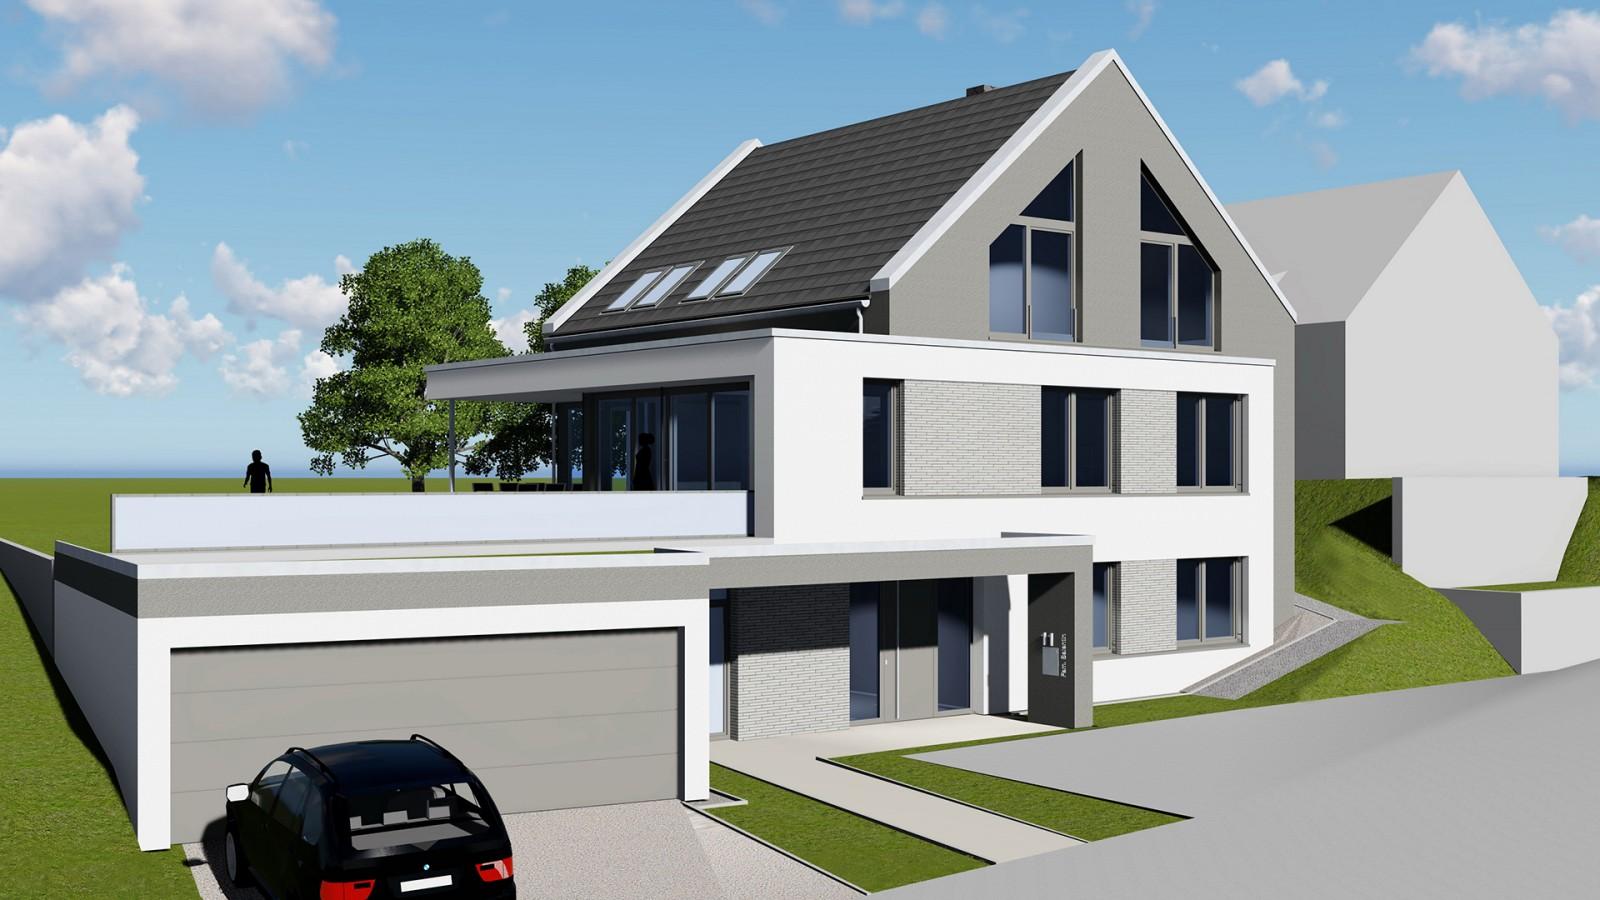 Neubau Einfamilienhaus in Itzum Hohe Rode | JUNG - Architekturbüro, Innenarchitekturbüro Hildesheim